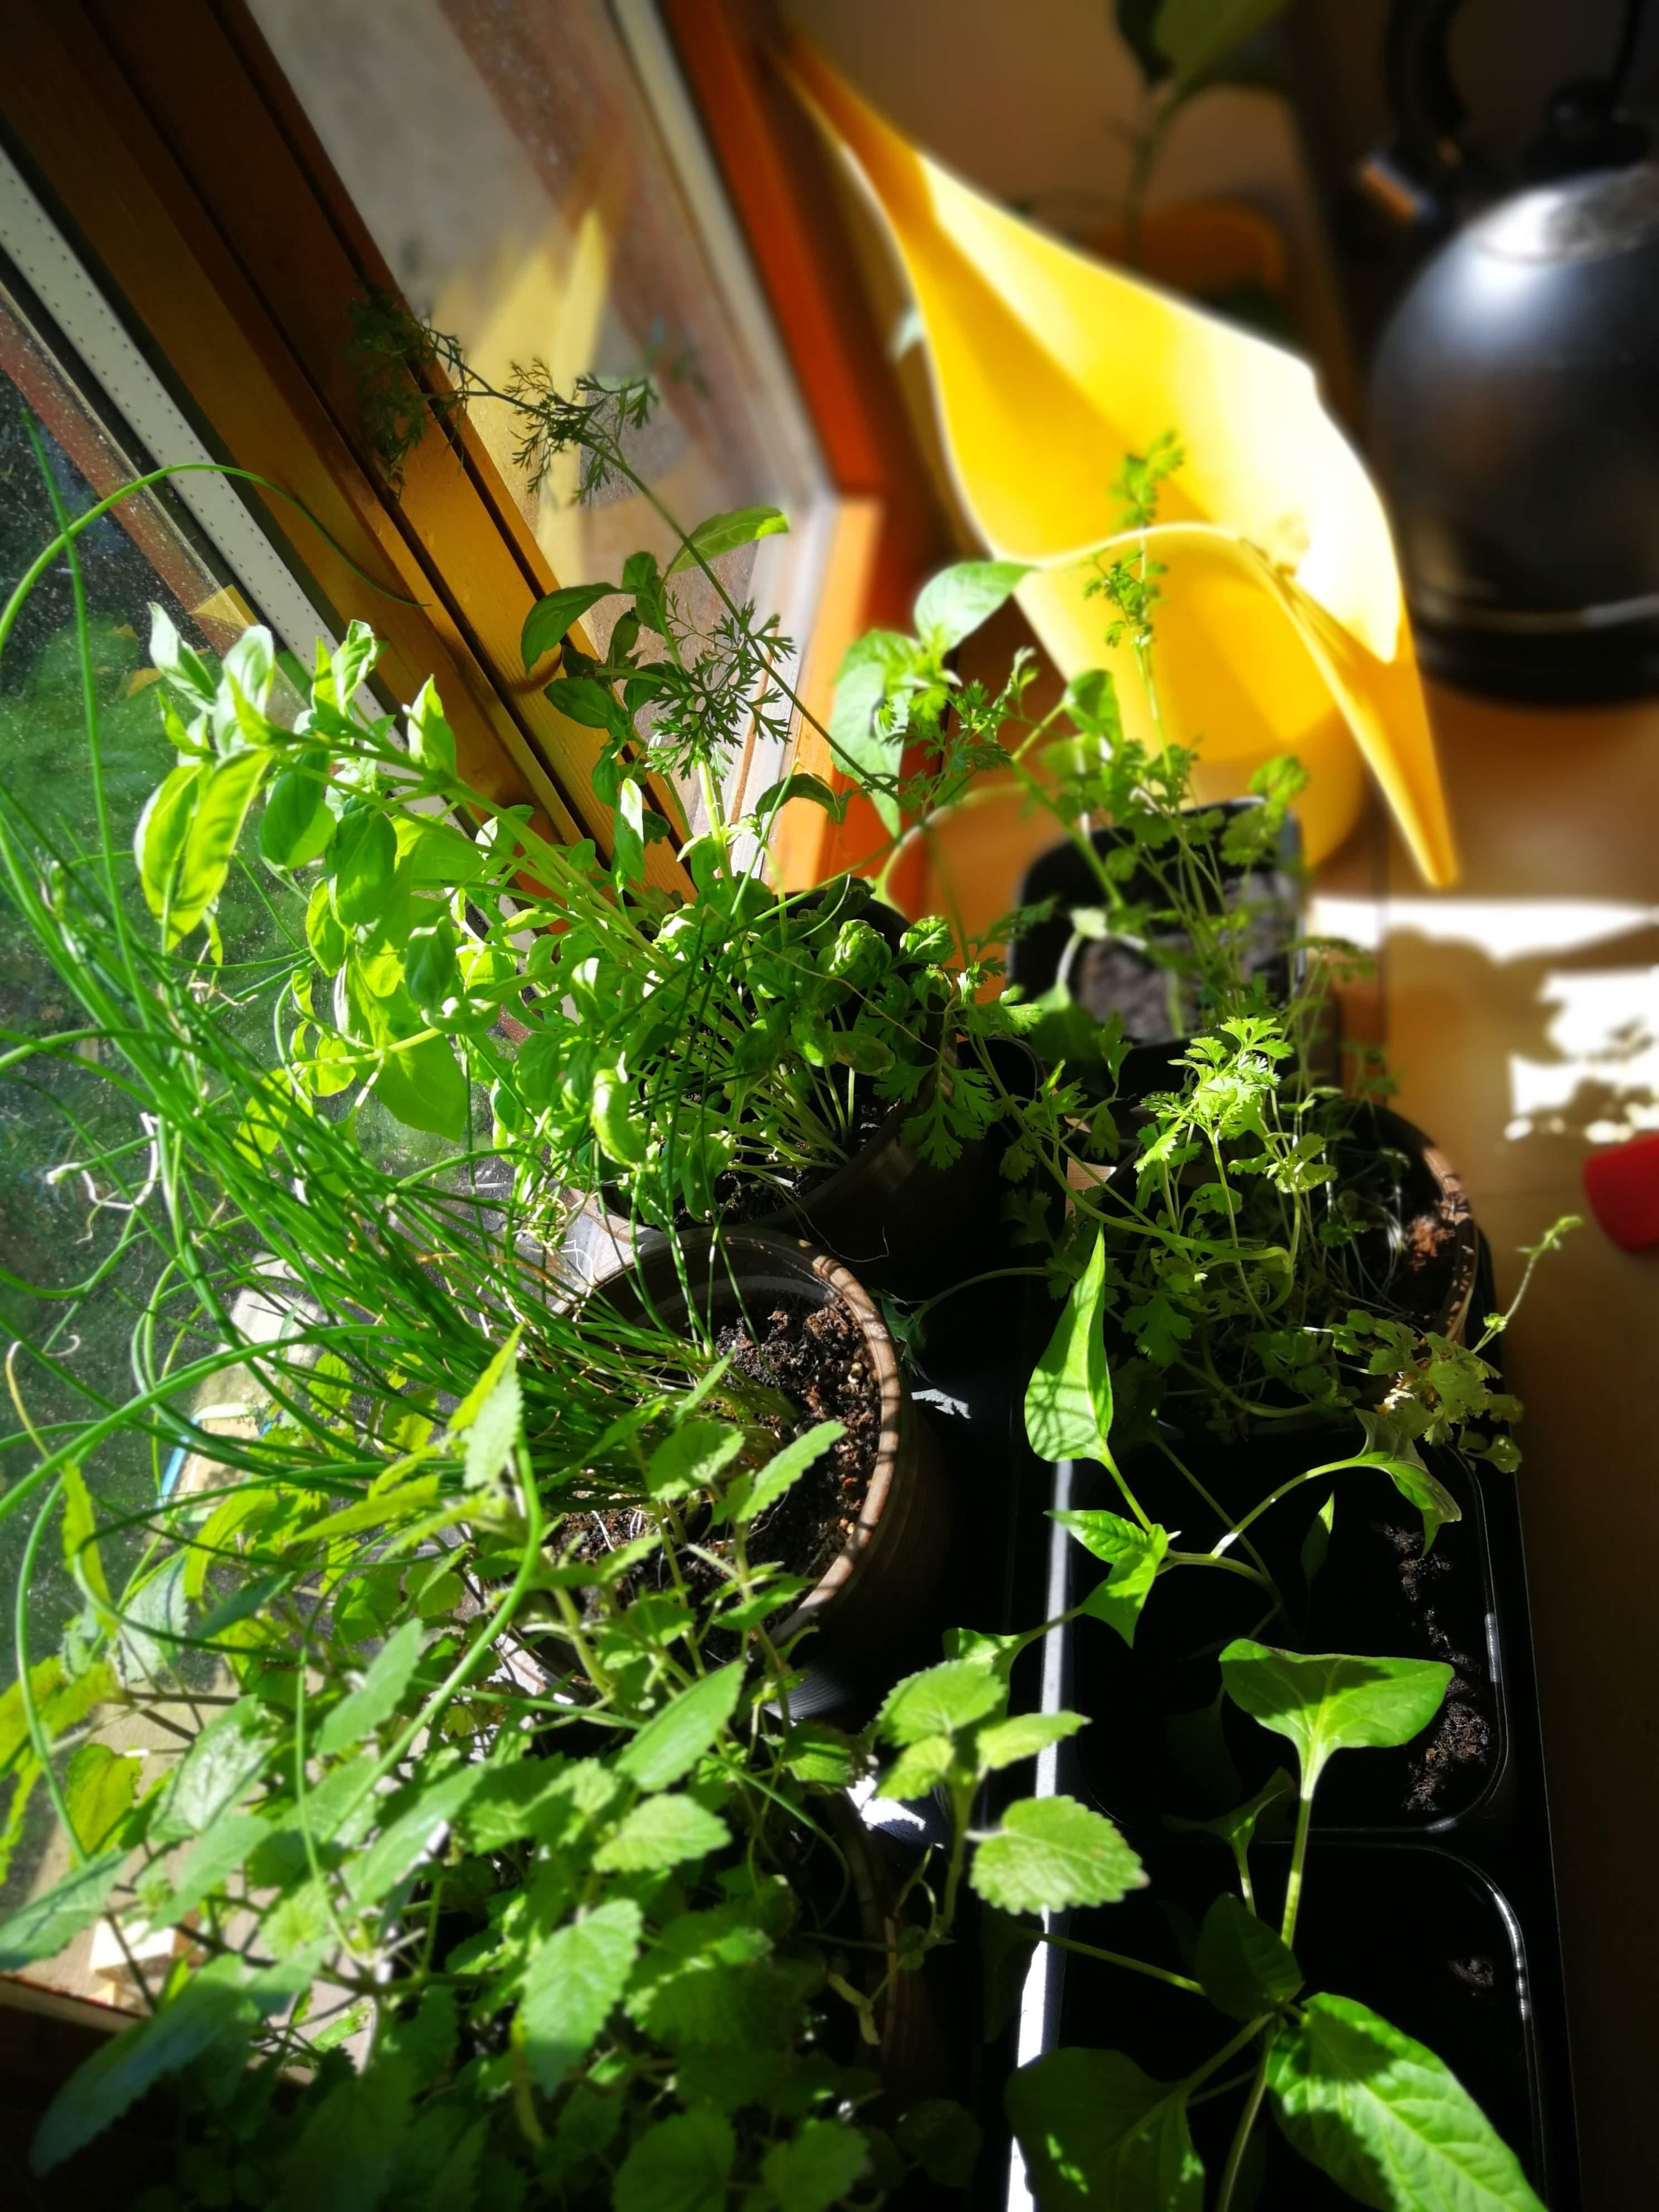 pflanzen-ohne-balkon-urban-gardening-kraeuter-gesund-lecker-vegan-ahoi-adventures